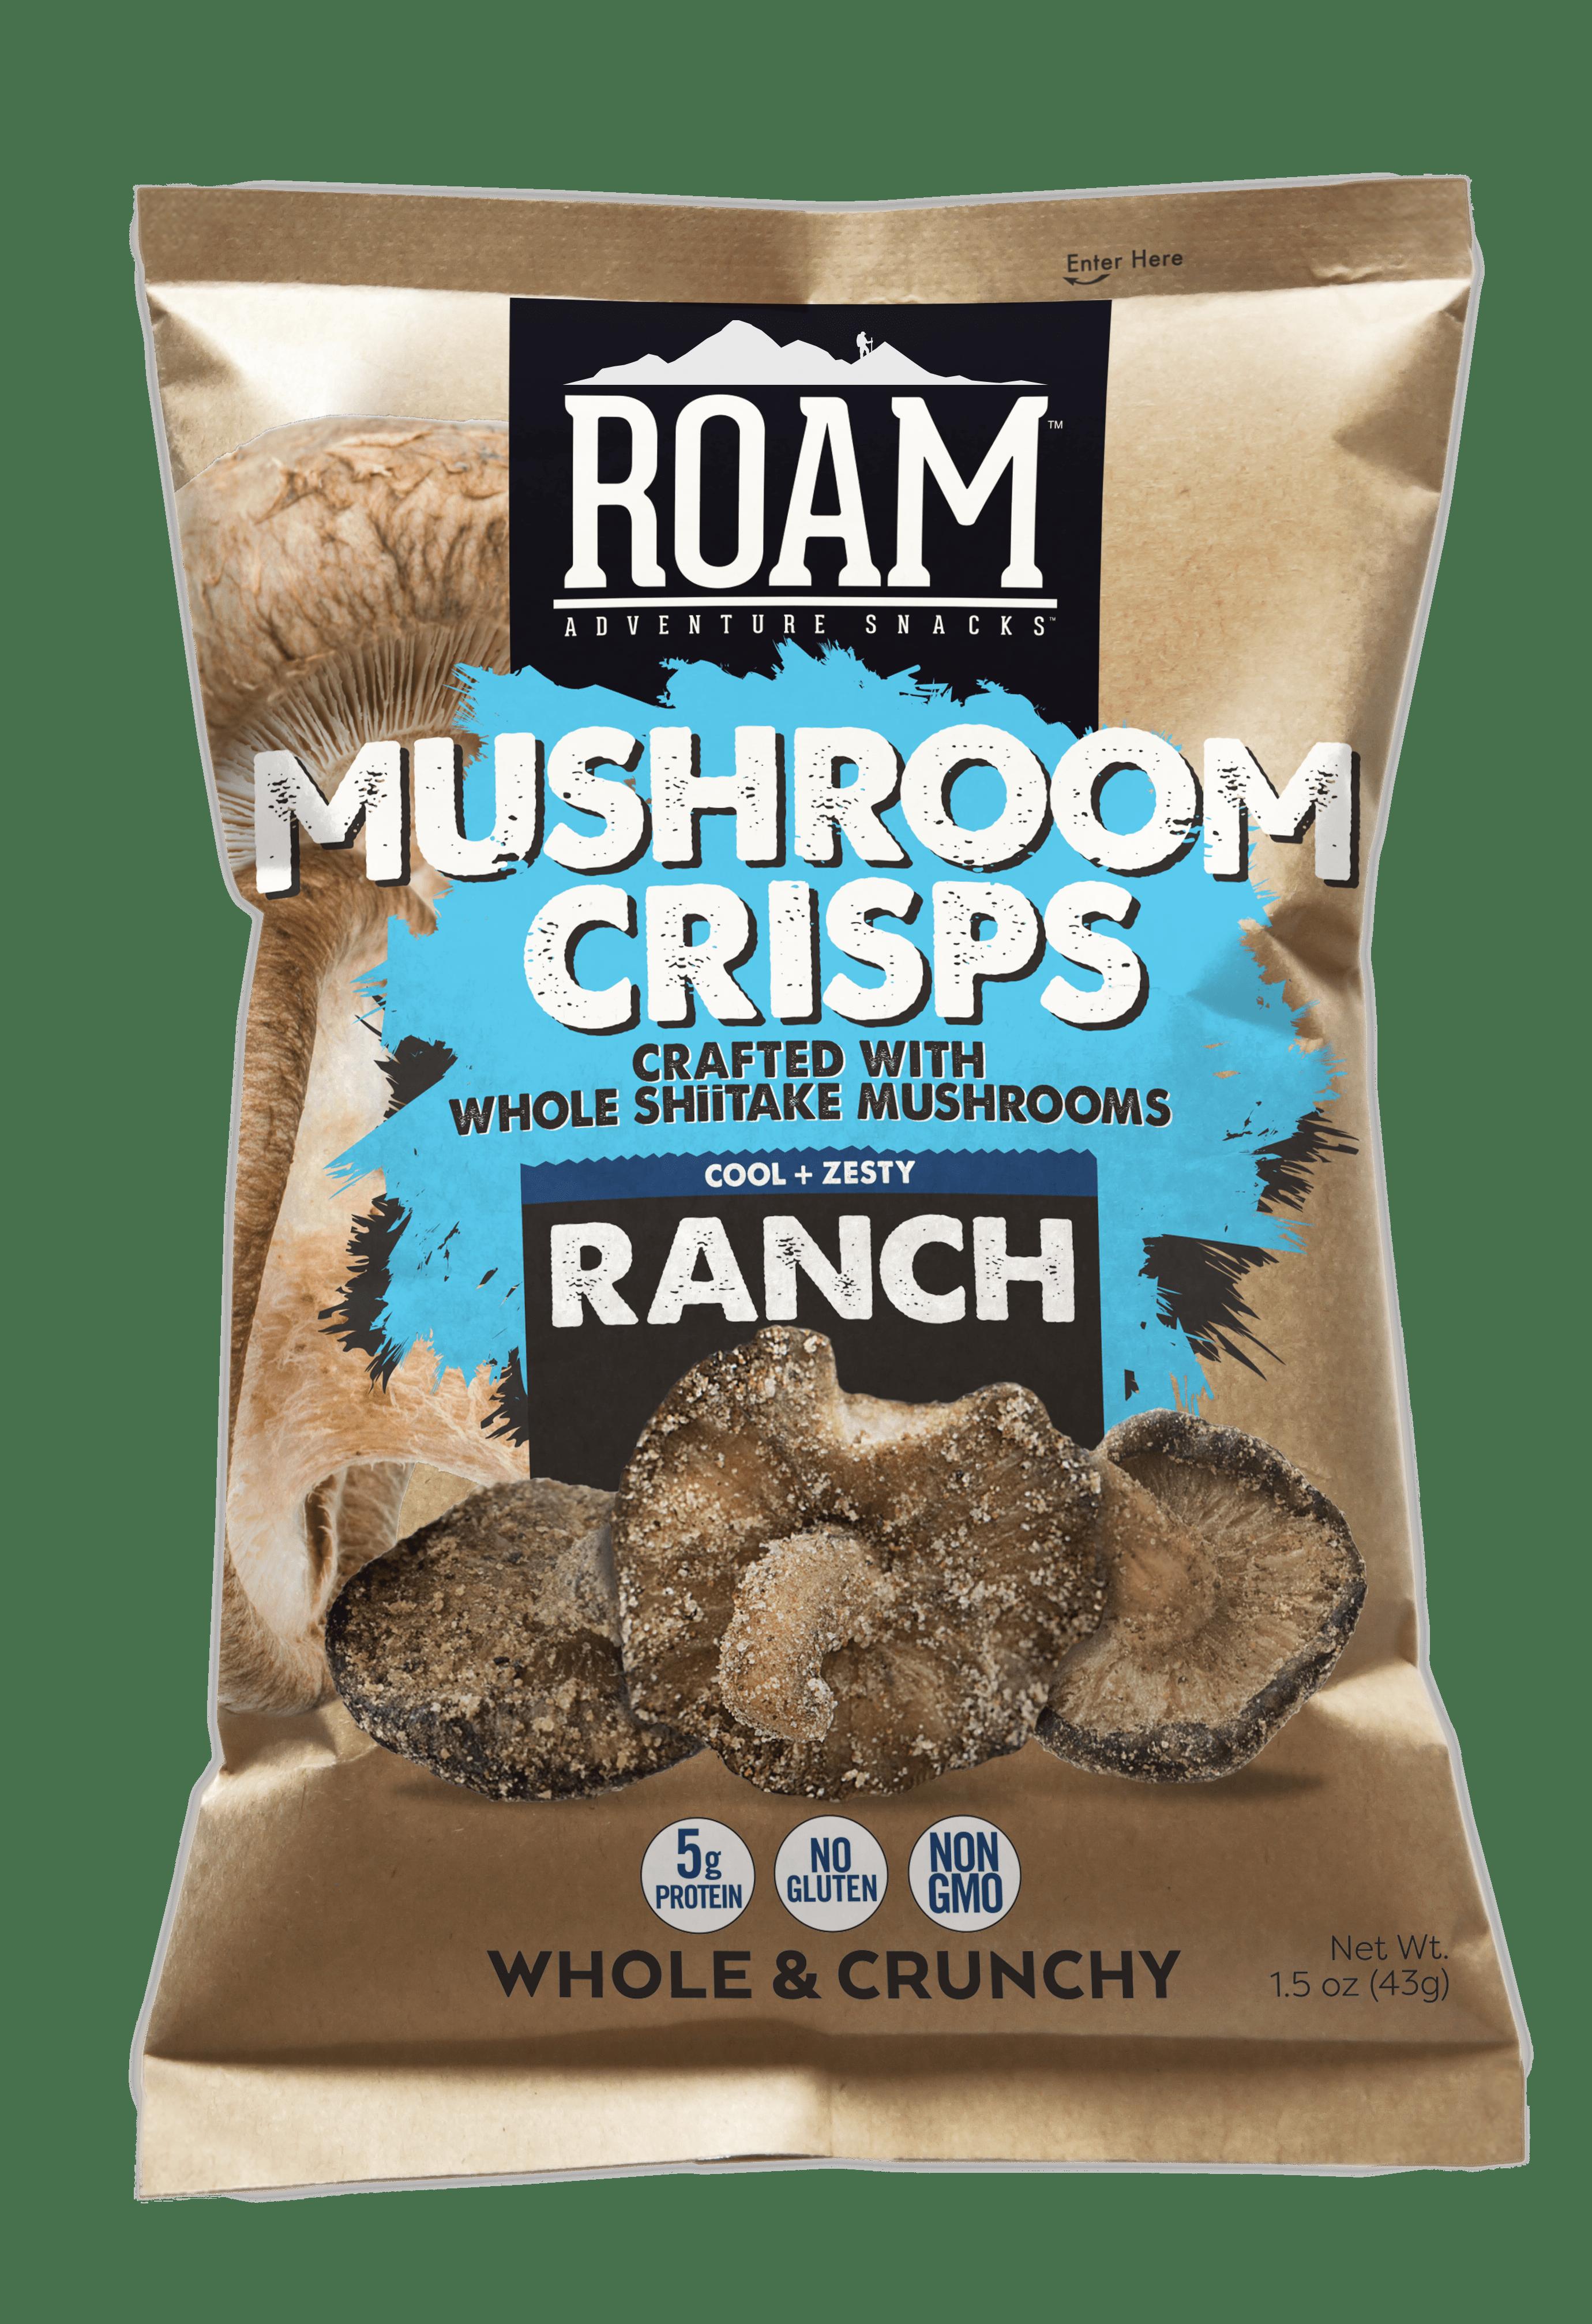 Bag of ROAM ranch mushroom crisps snack